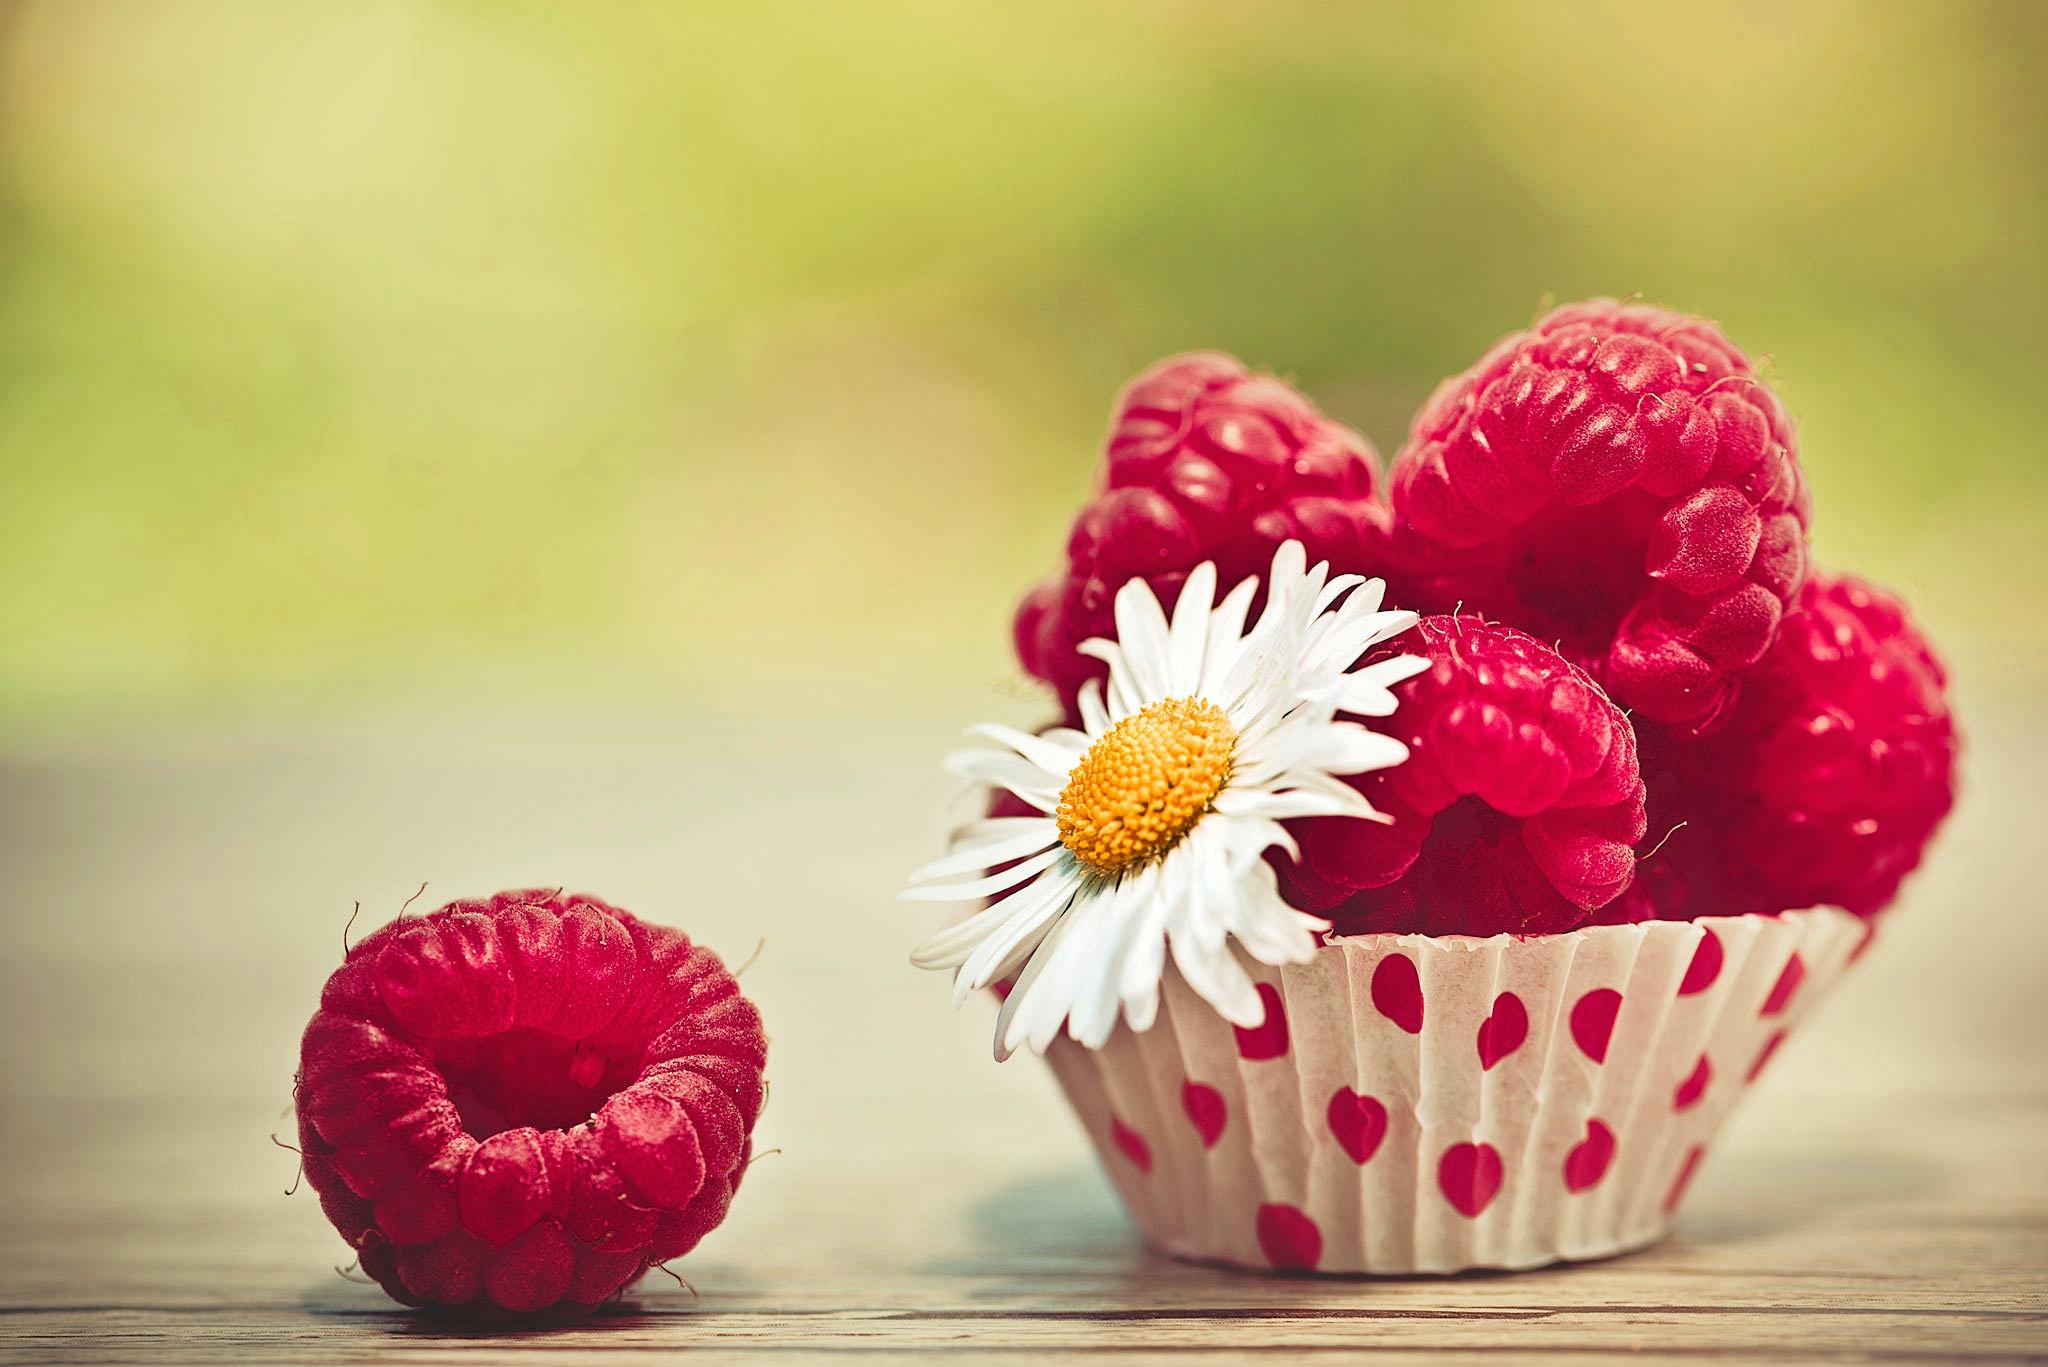 Картинка на рабочий стол цветы и фрукты